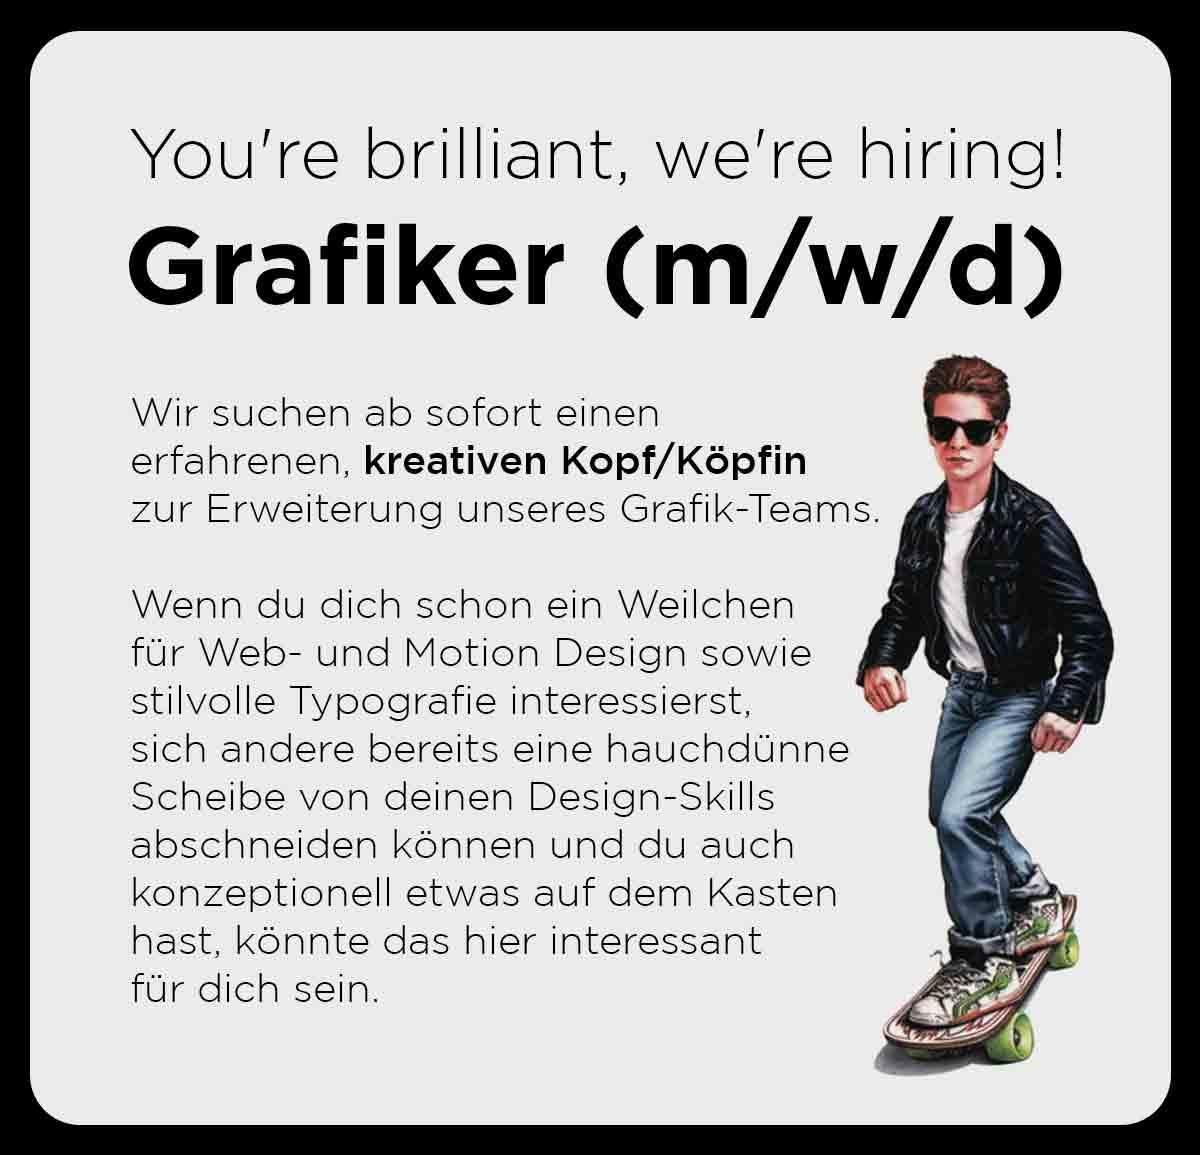 grafik Jobanzeige Grafiker gesucht text junge auf Skateboard